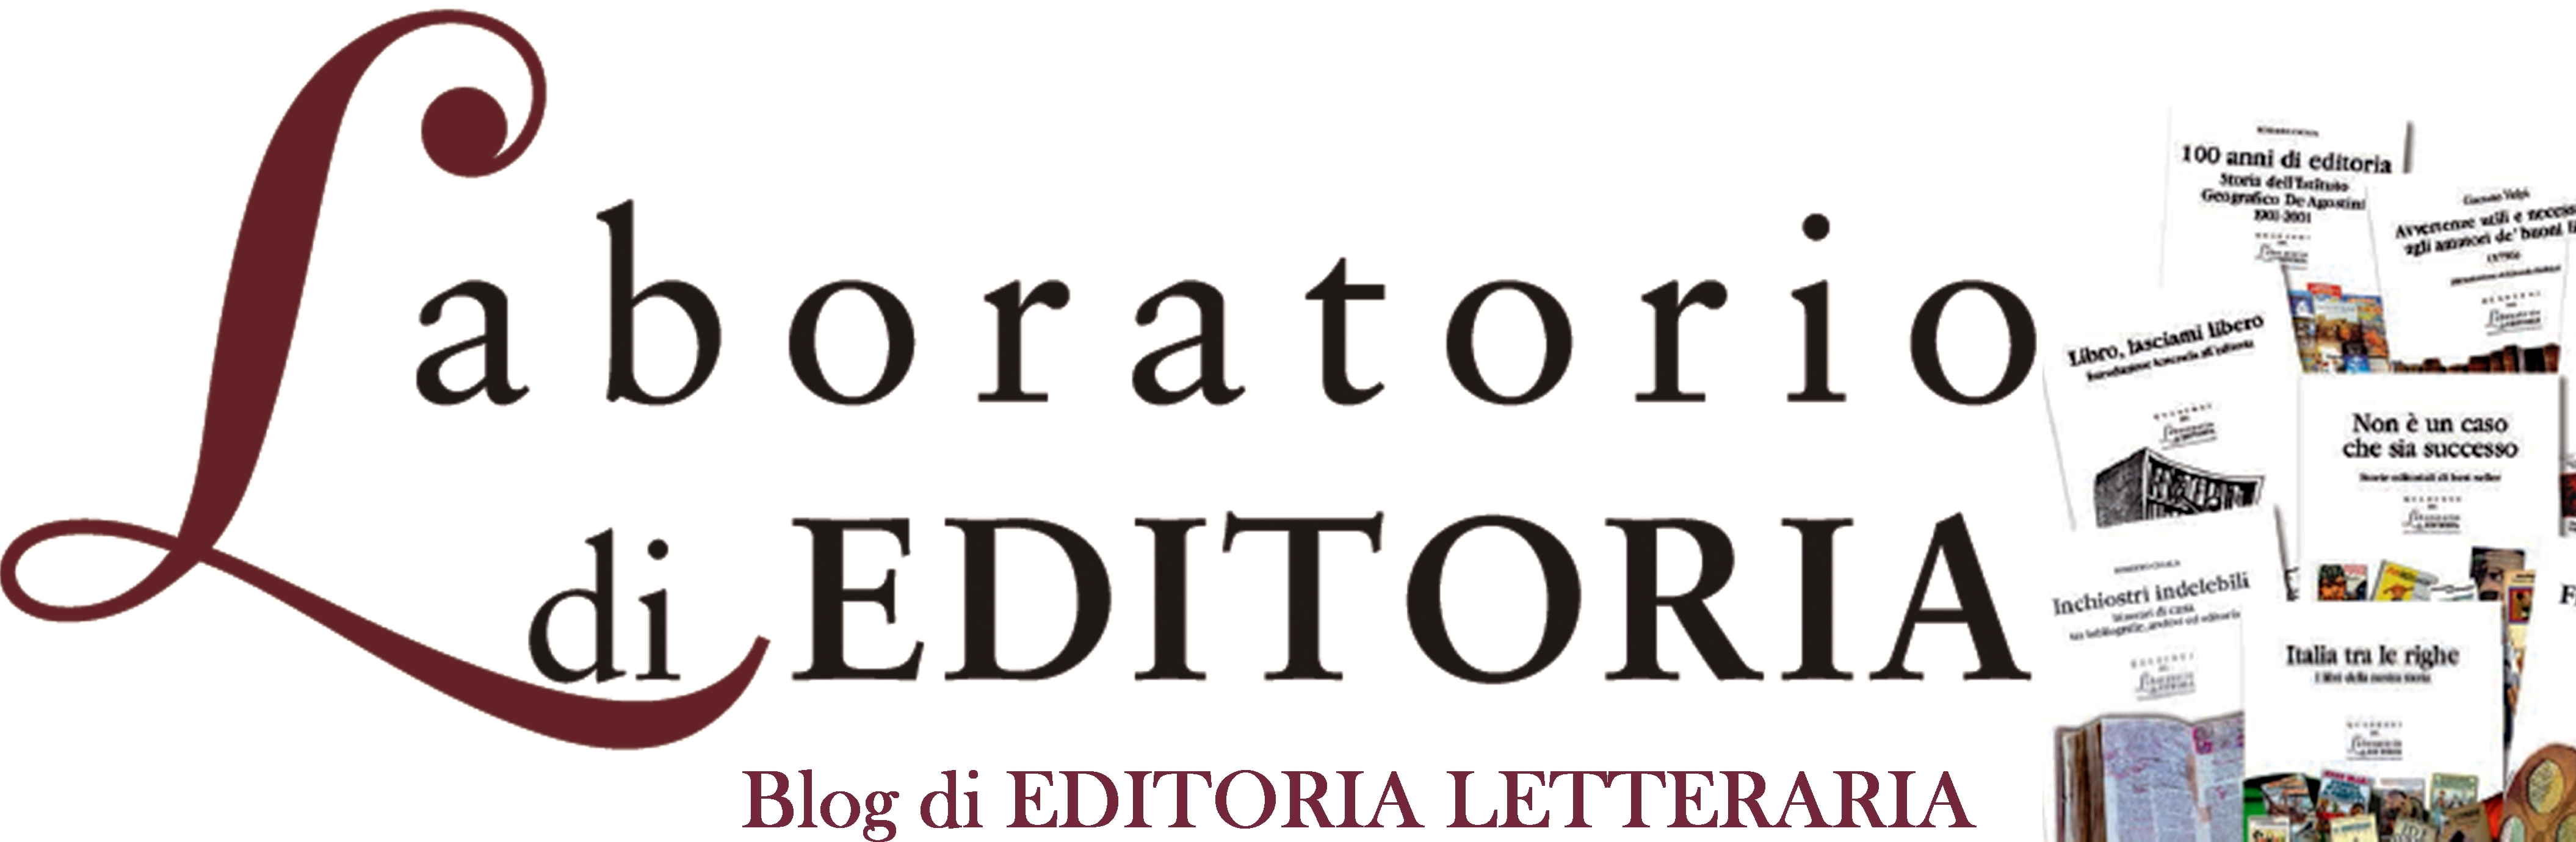 Laboratorio di Editoria